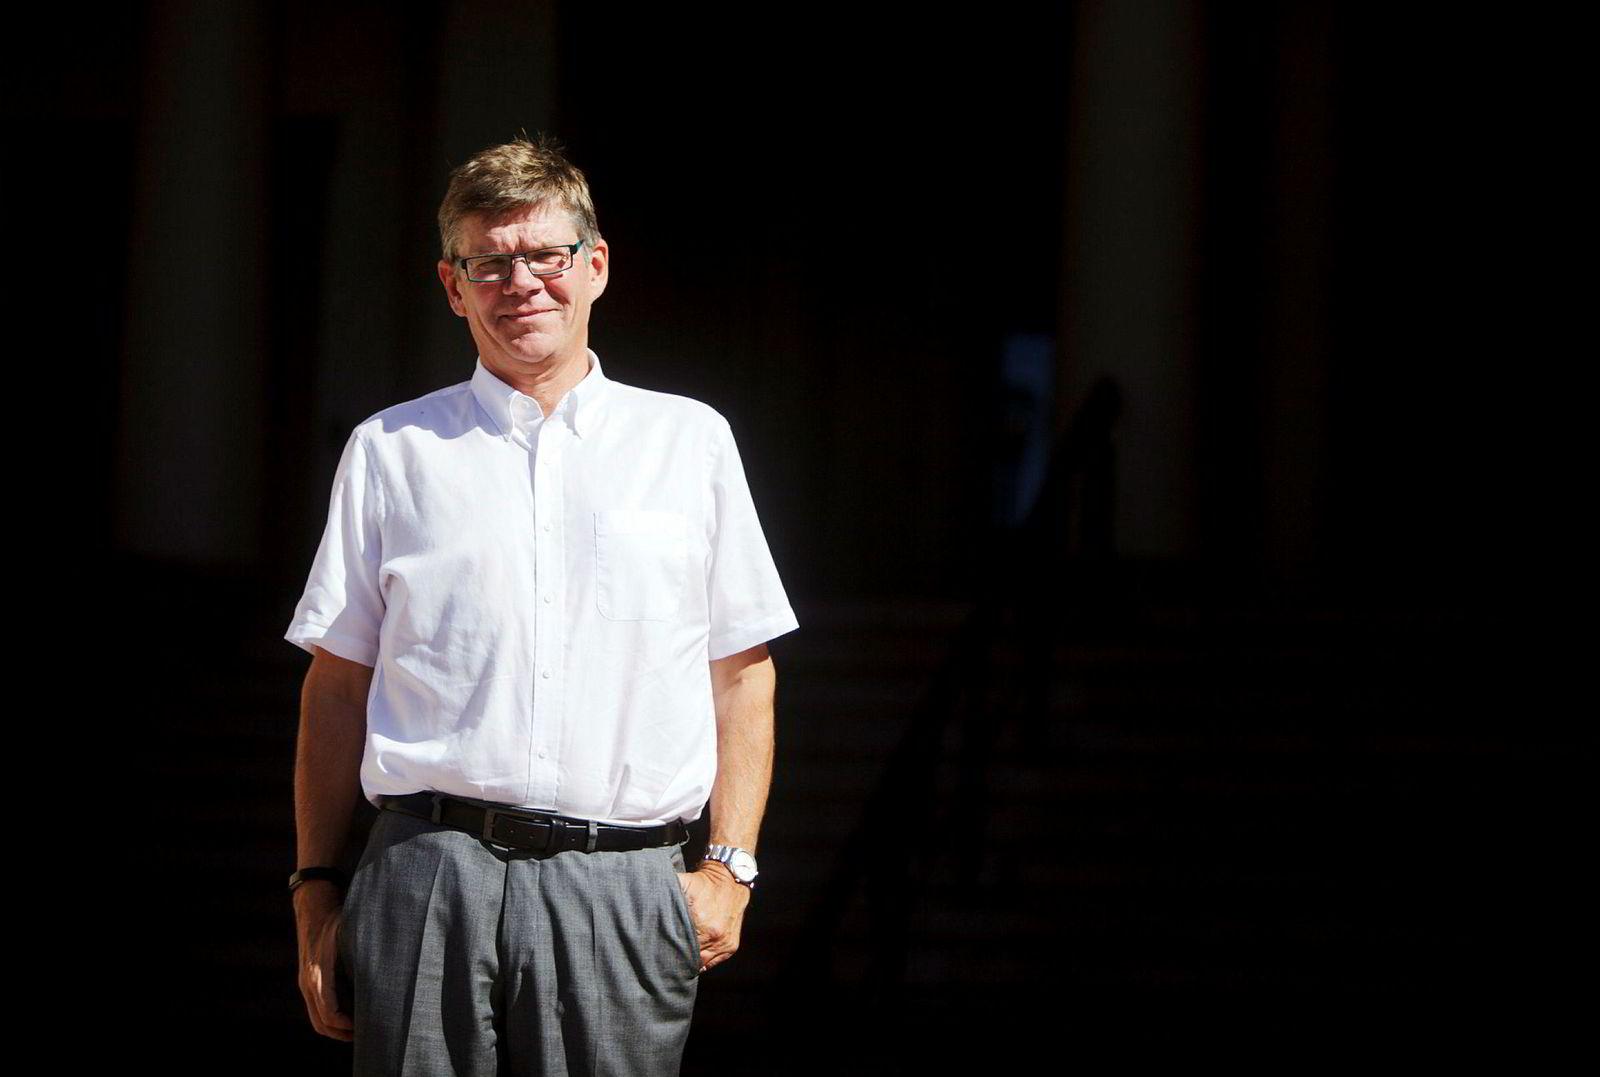 Rektor Svein Stølen ved UiO.